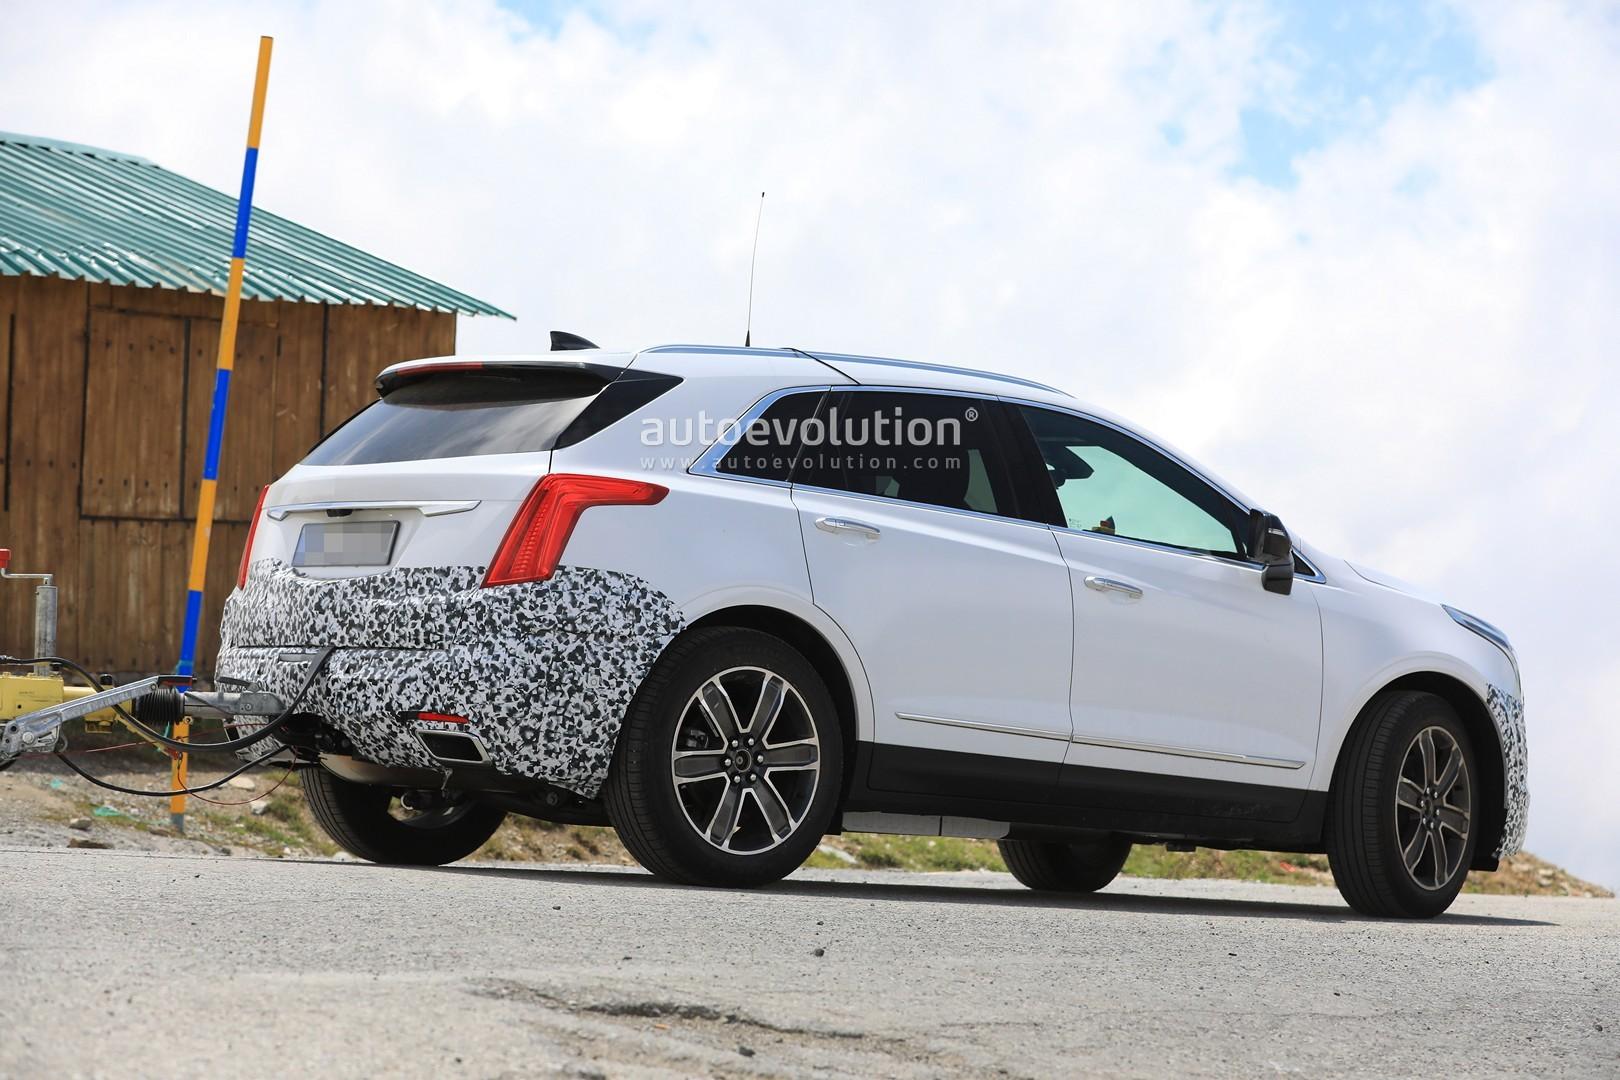 Build A 2019 Cadillac Xt5 | 2019 - 2020 GM Car Models